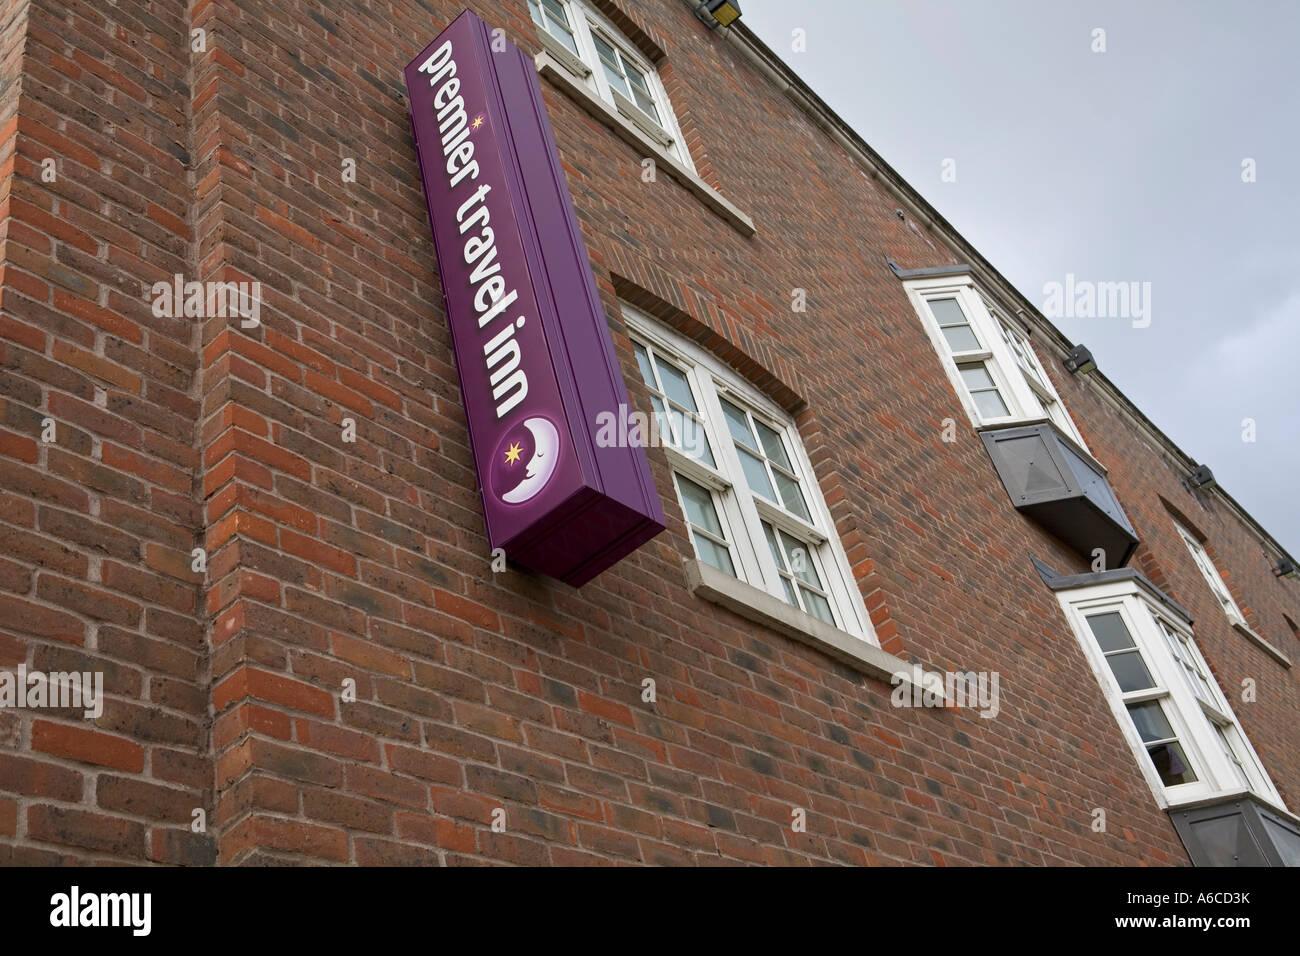 Premier travel inn South Bank London Premier travel inn is part of Whitbread Group - Stock Image